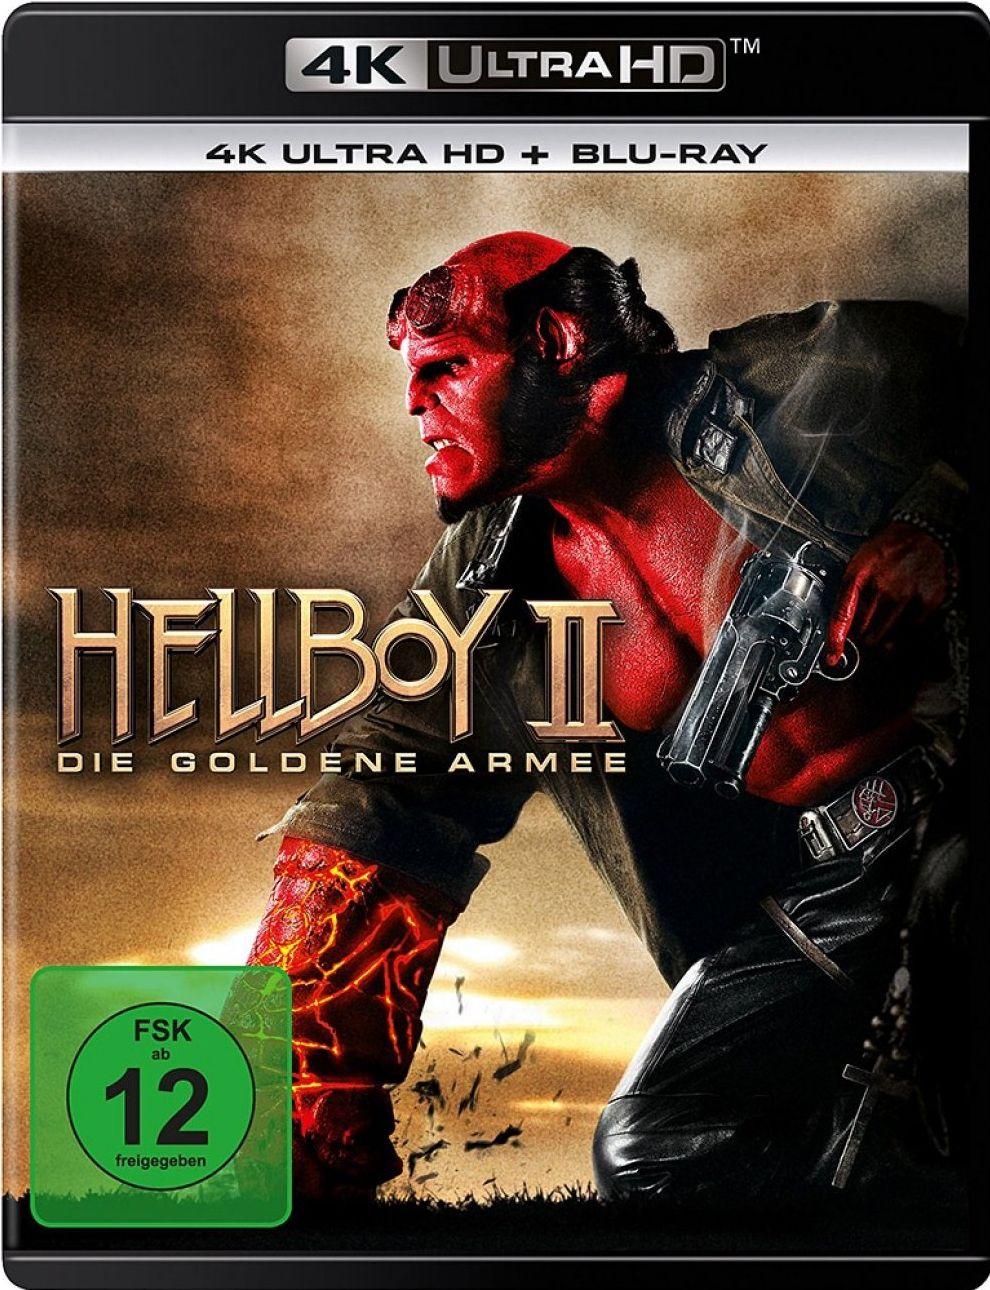 Hellboy 2: Die goldene Armee (2 Discs) (UHD BLURAY + BLURAY)